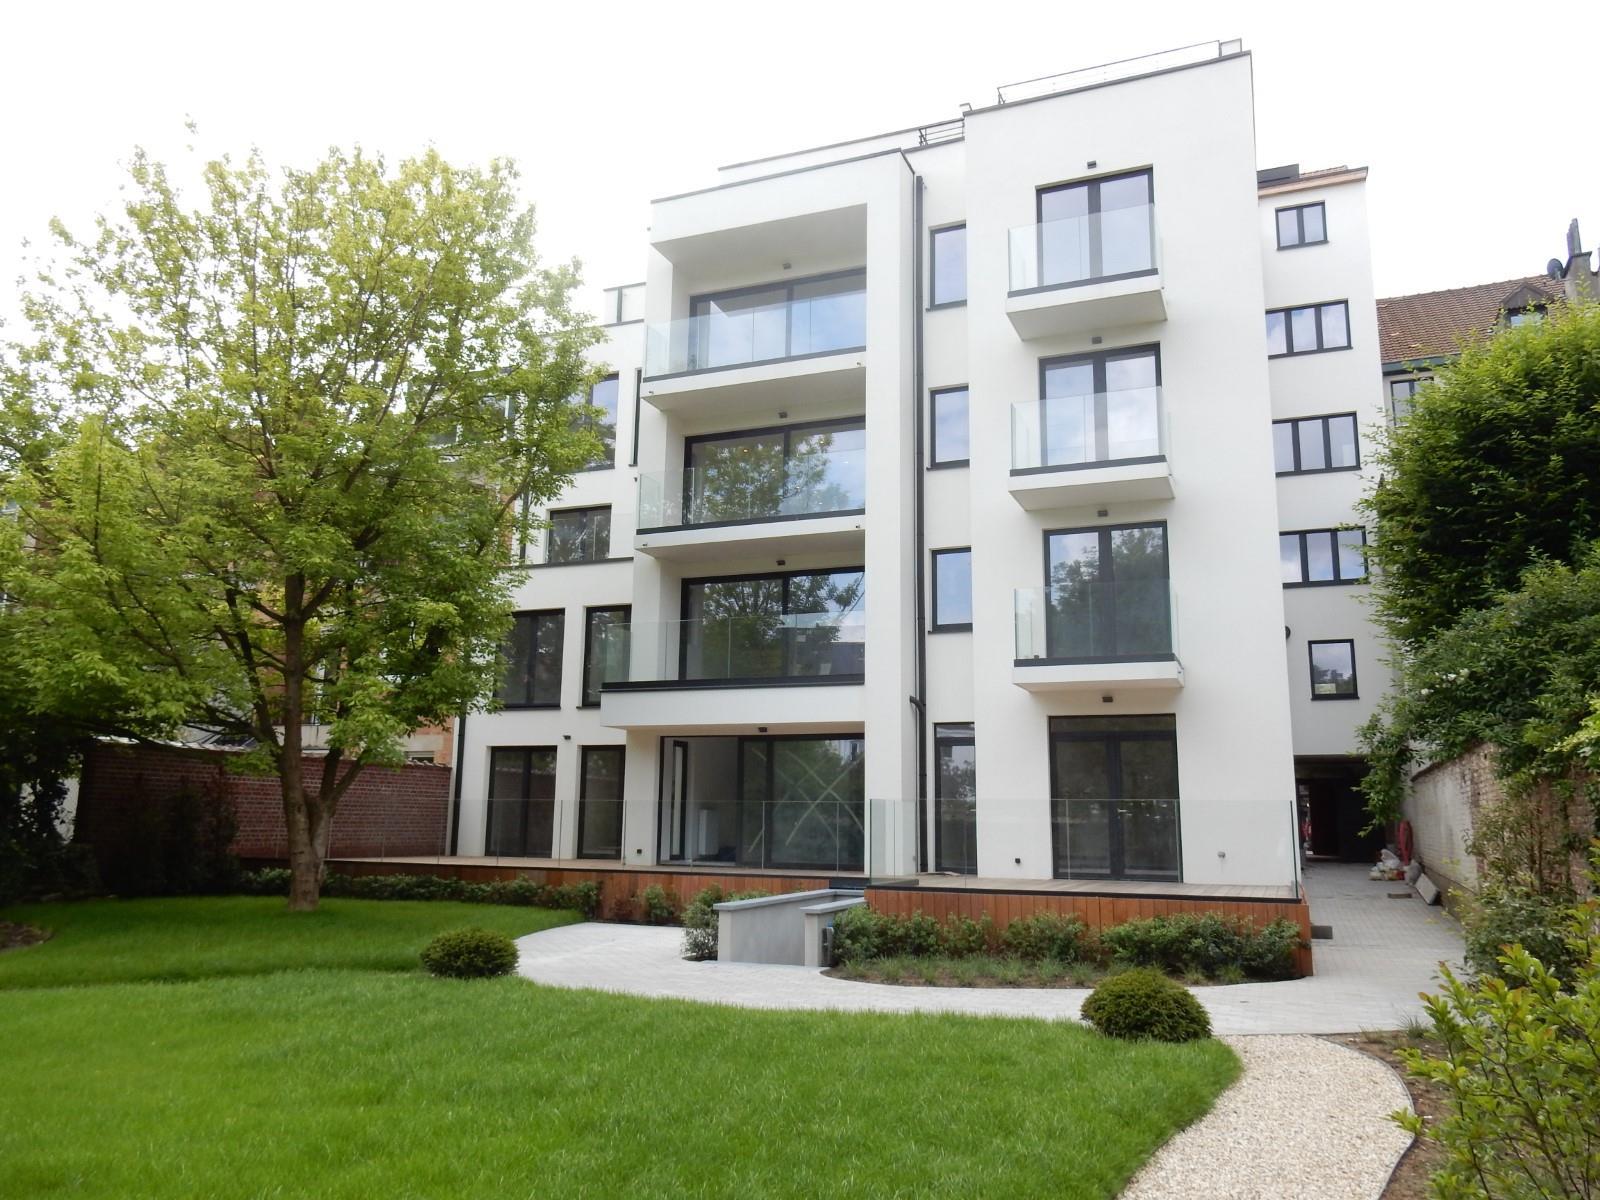 Appartement exceptionnel - Ixelles - #3915694-13